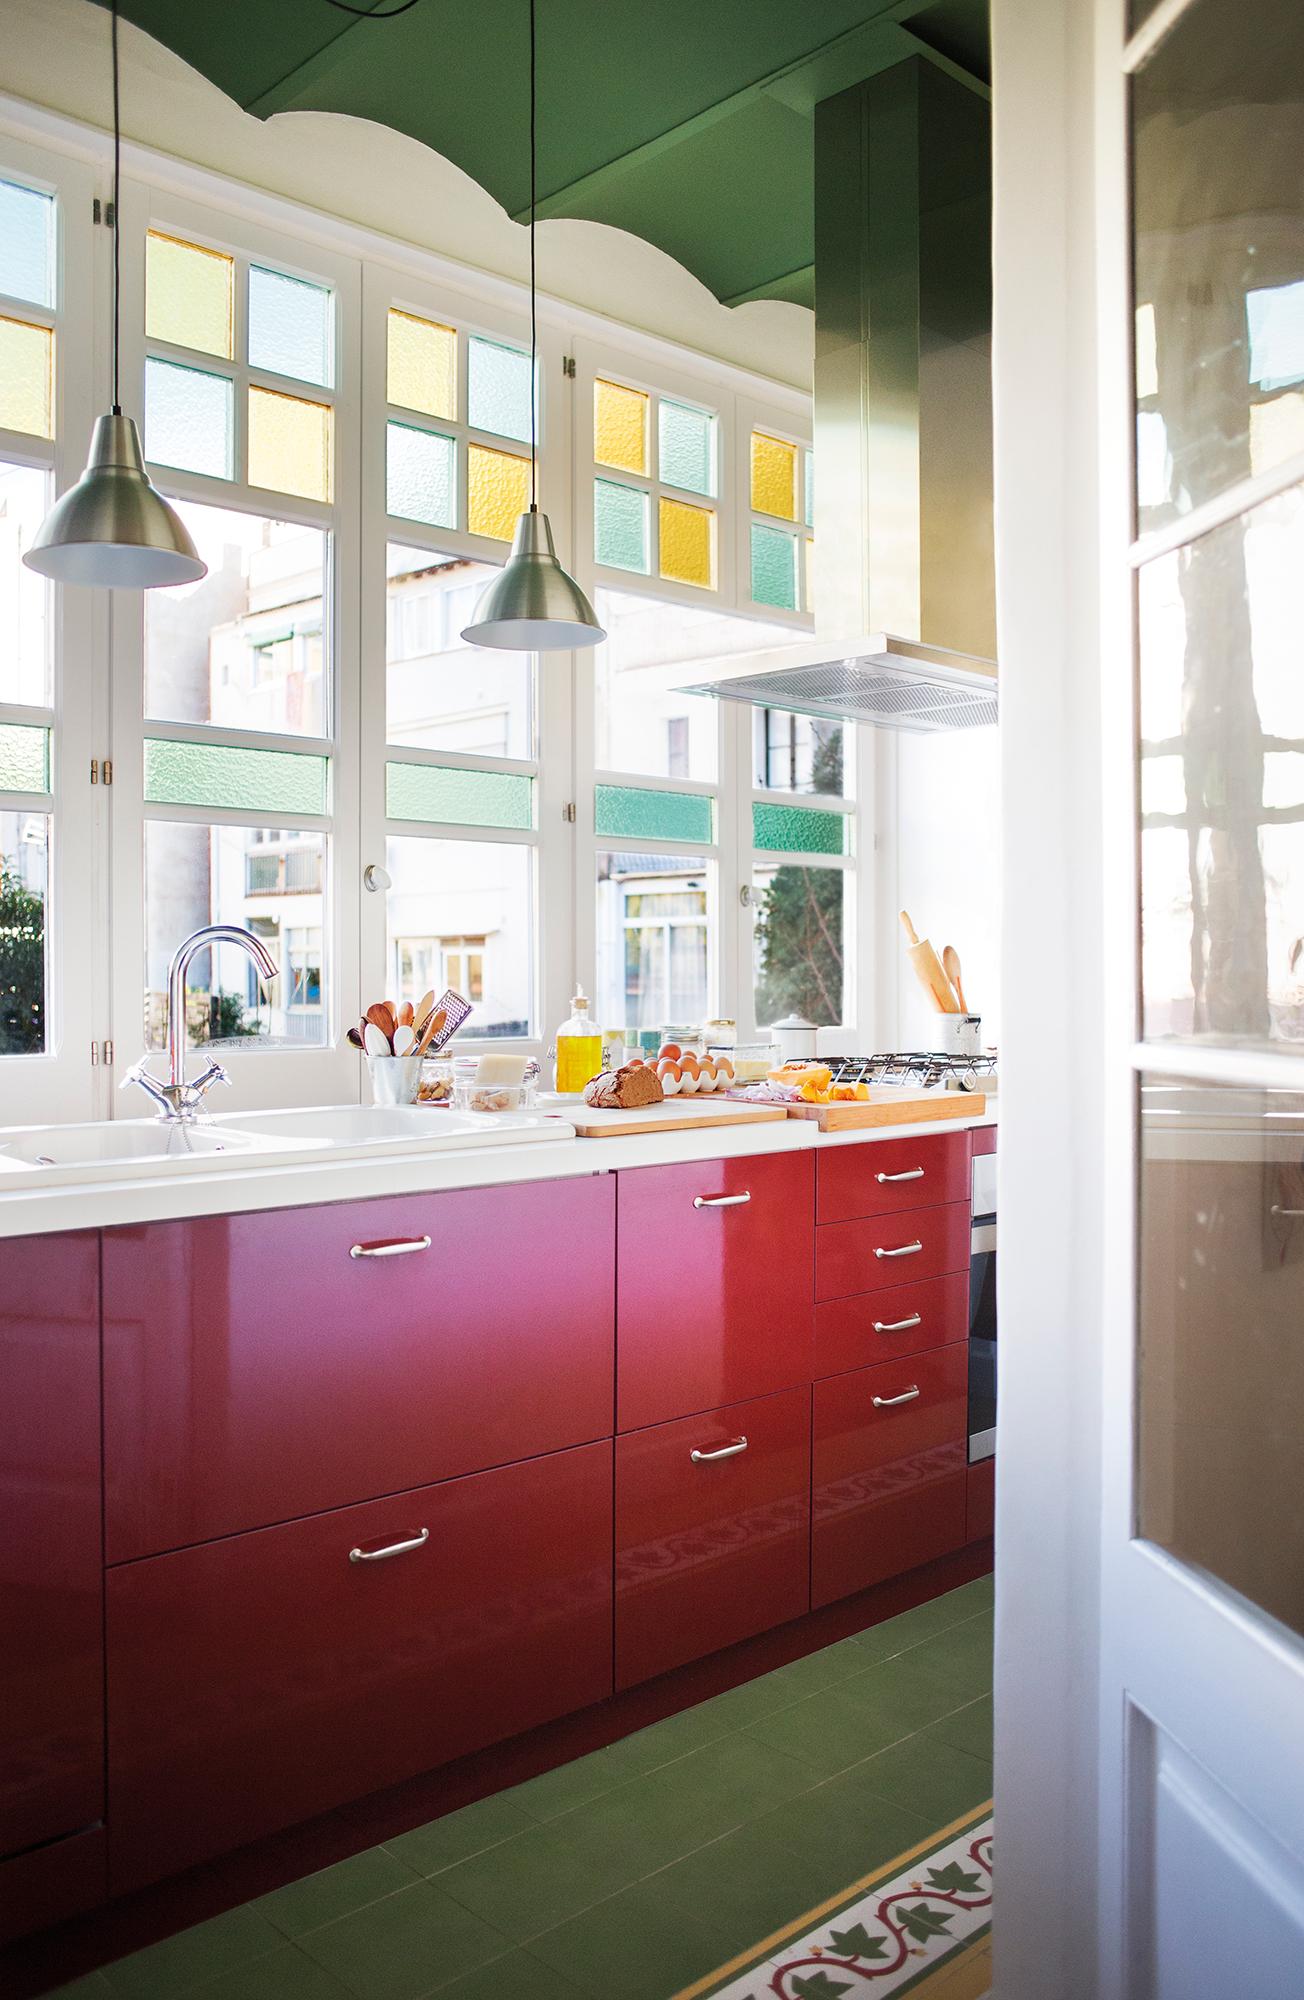 Cocinas peque as distribuidas en l - Colores de cocinas ...